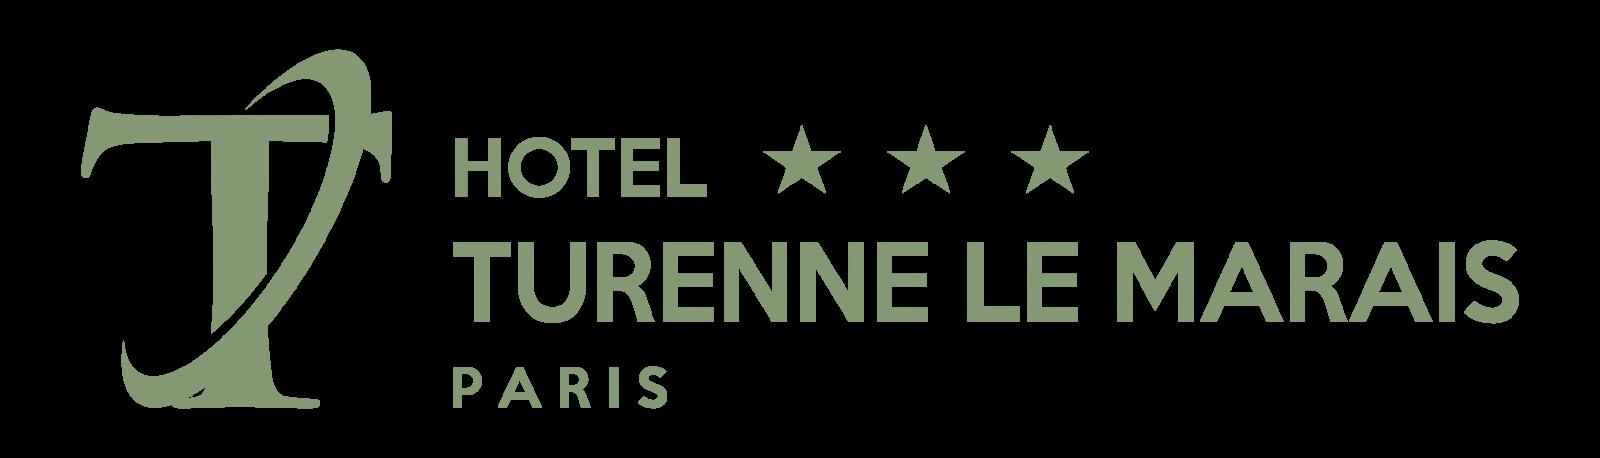 Turenne Le Marais